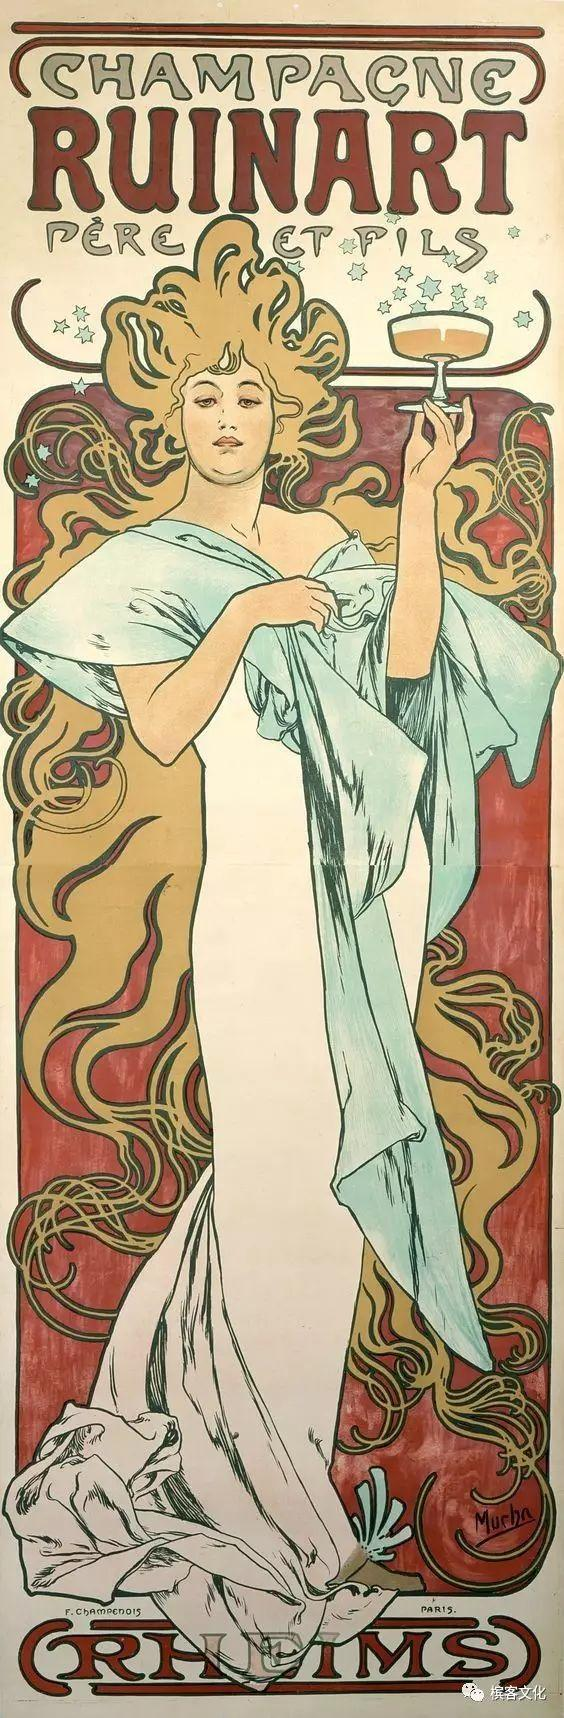 醉美香槟海报,回溯欧洲「美好时代」